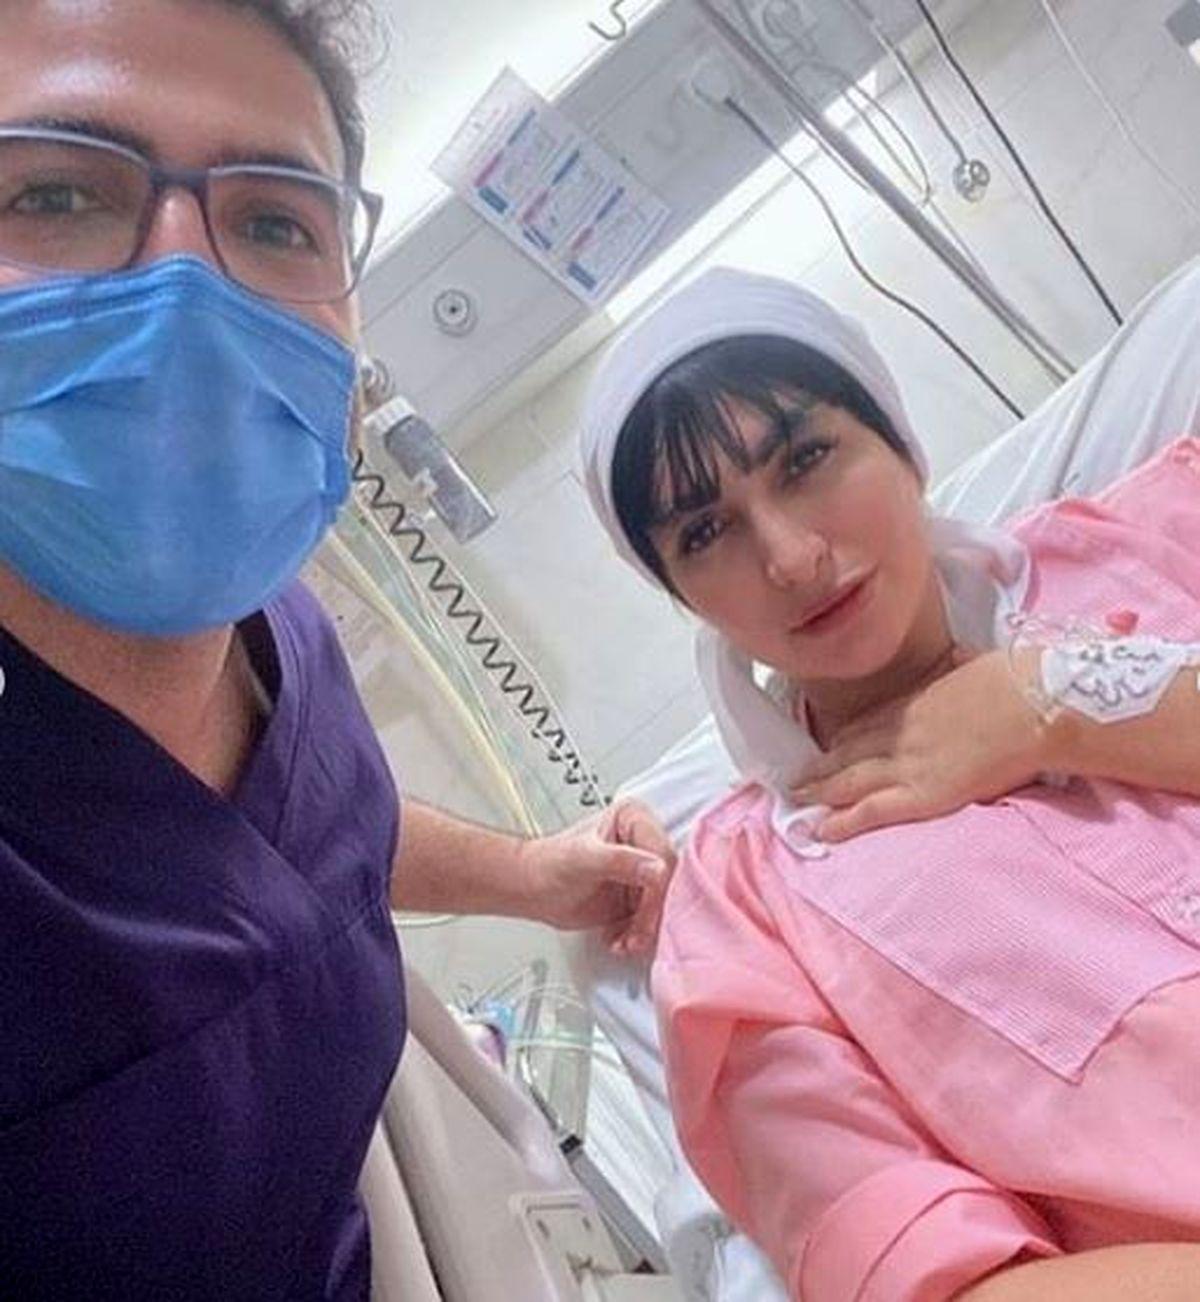 همسر سابق مهدی کوشکی کرونا را شکست داد + عکس